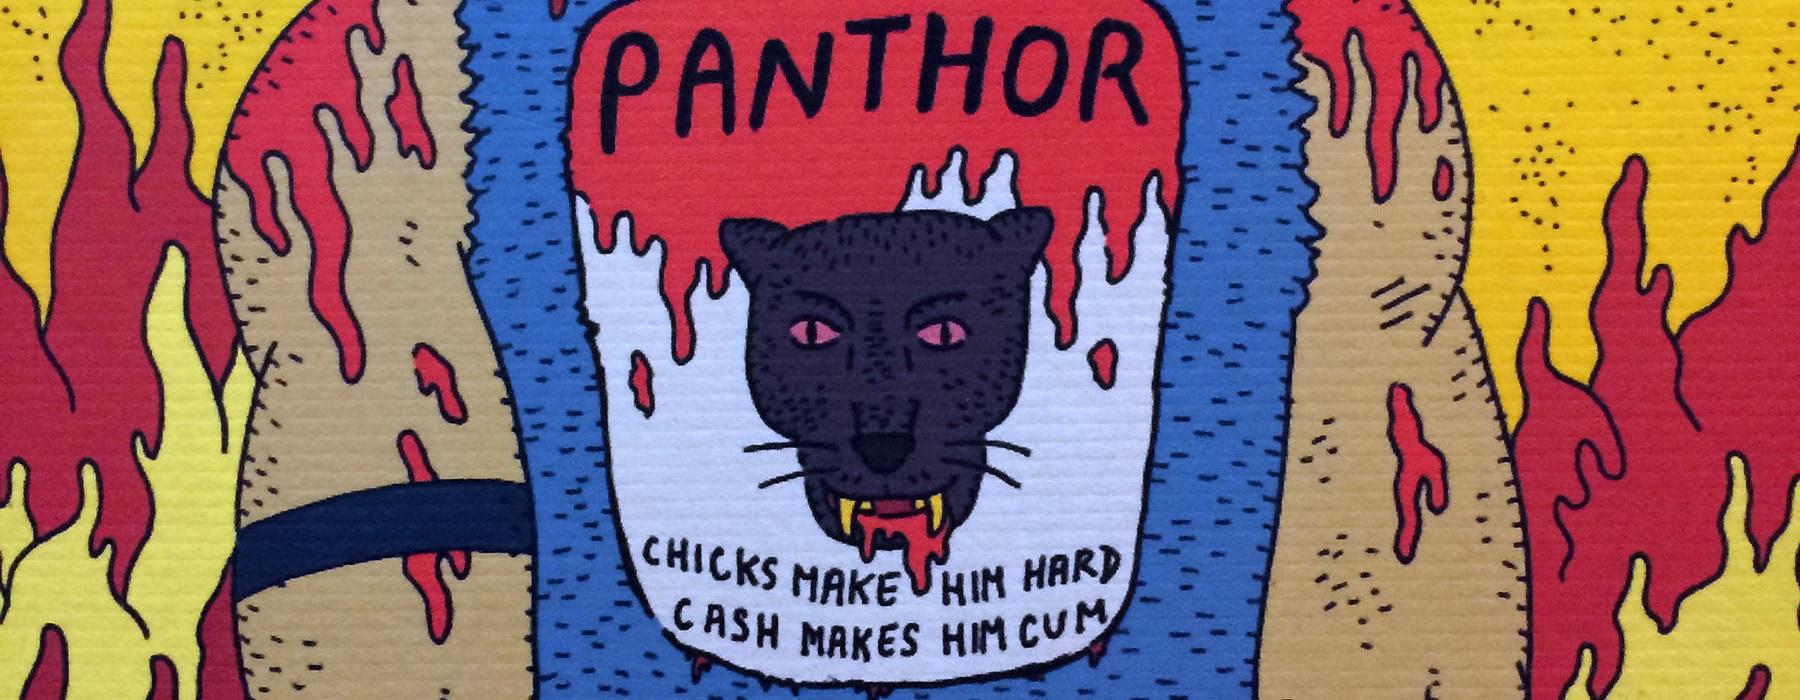 panthor_banner